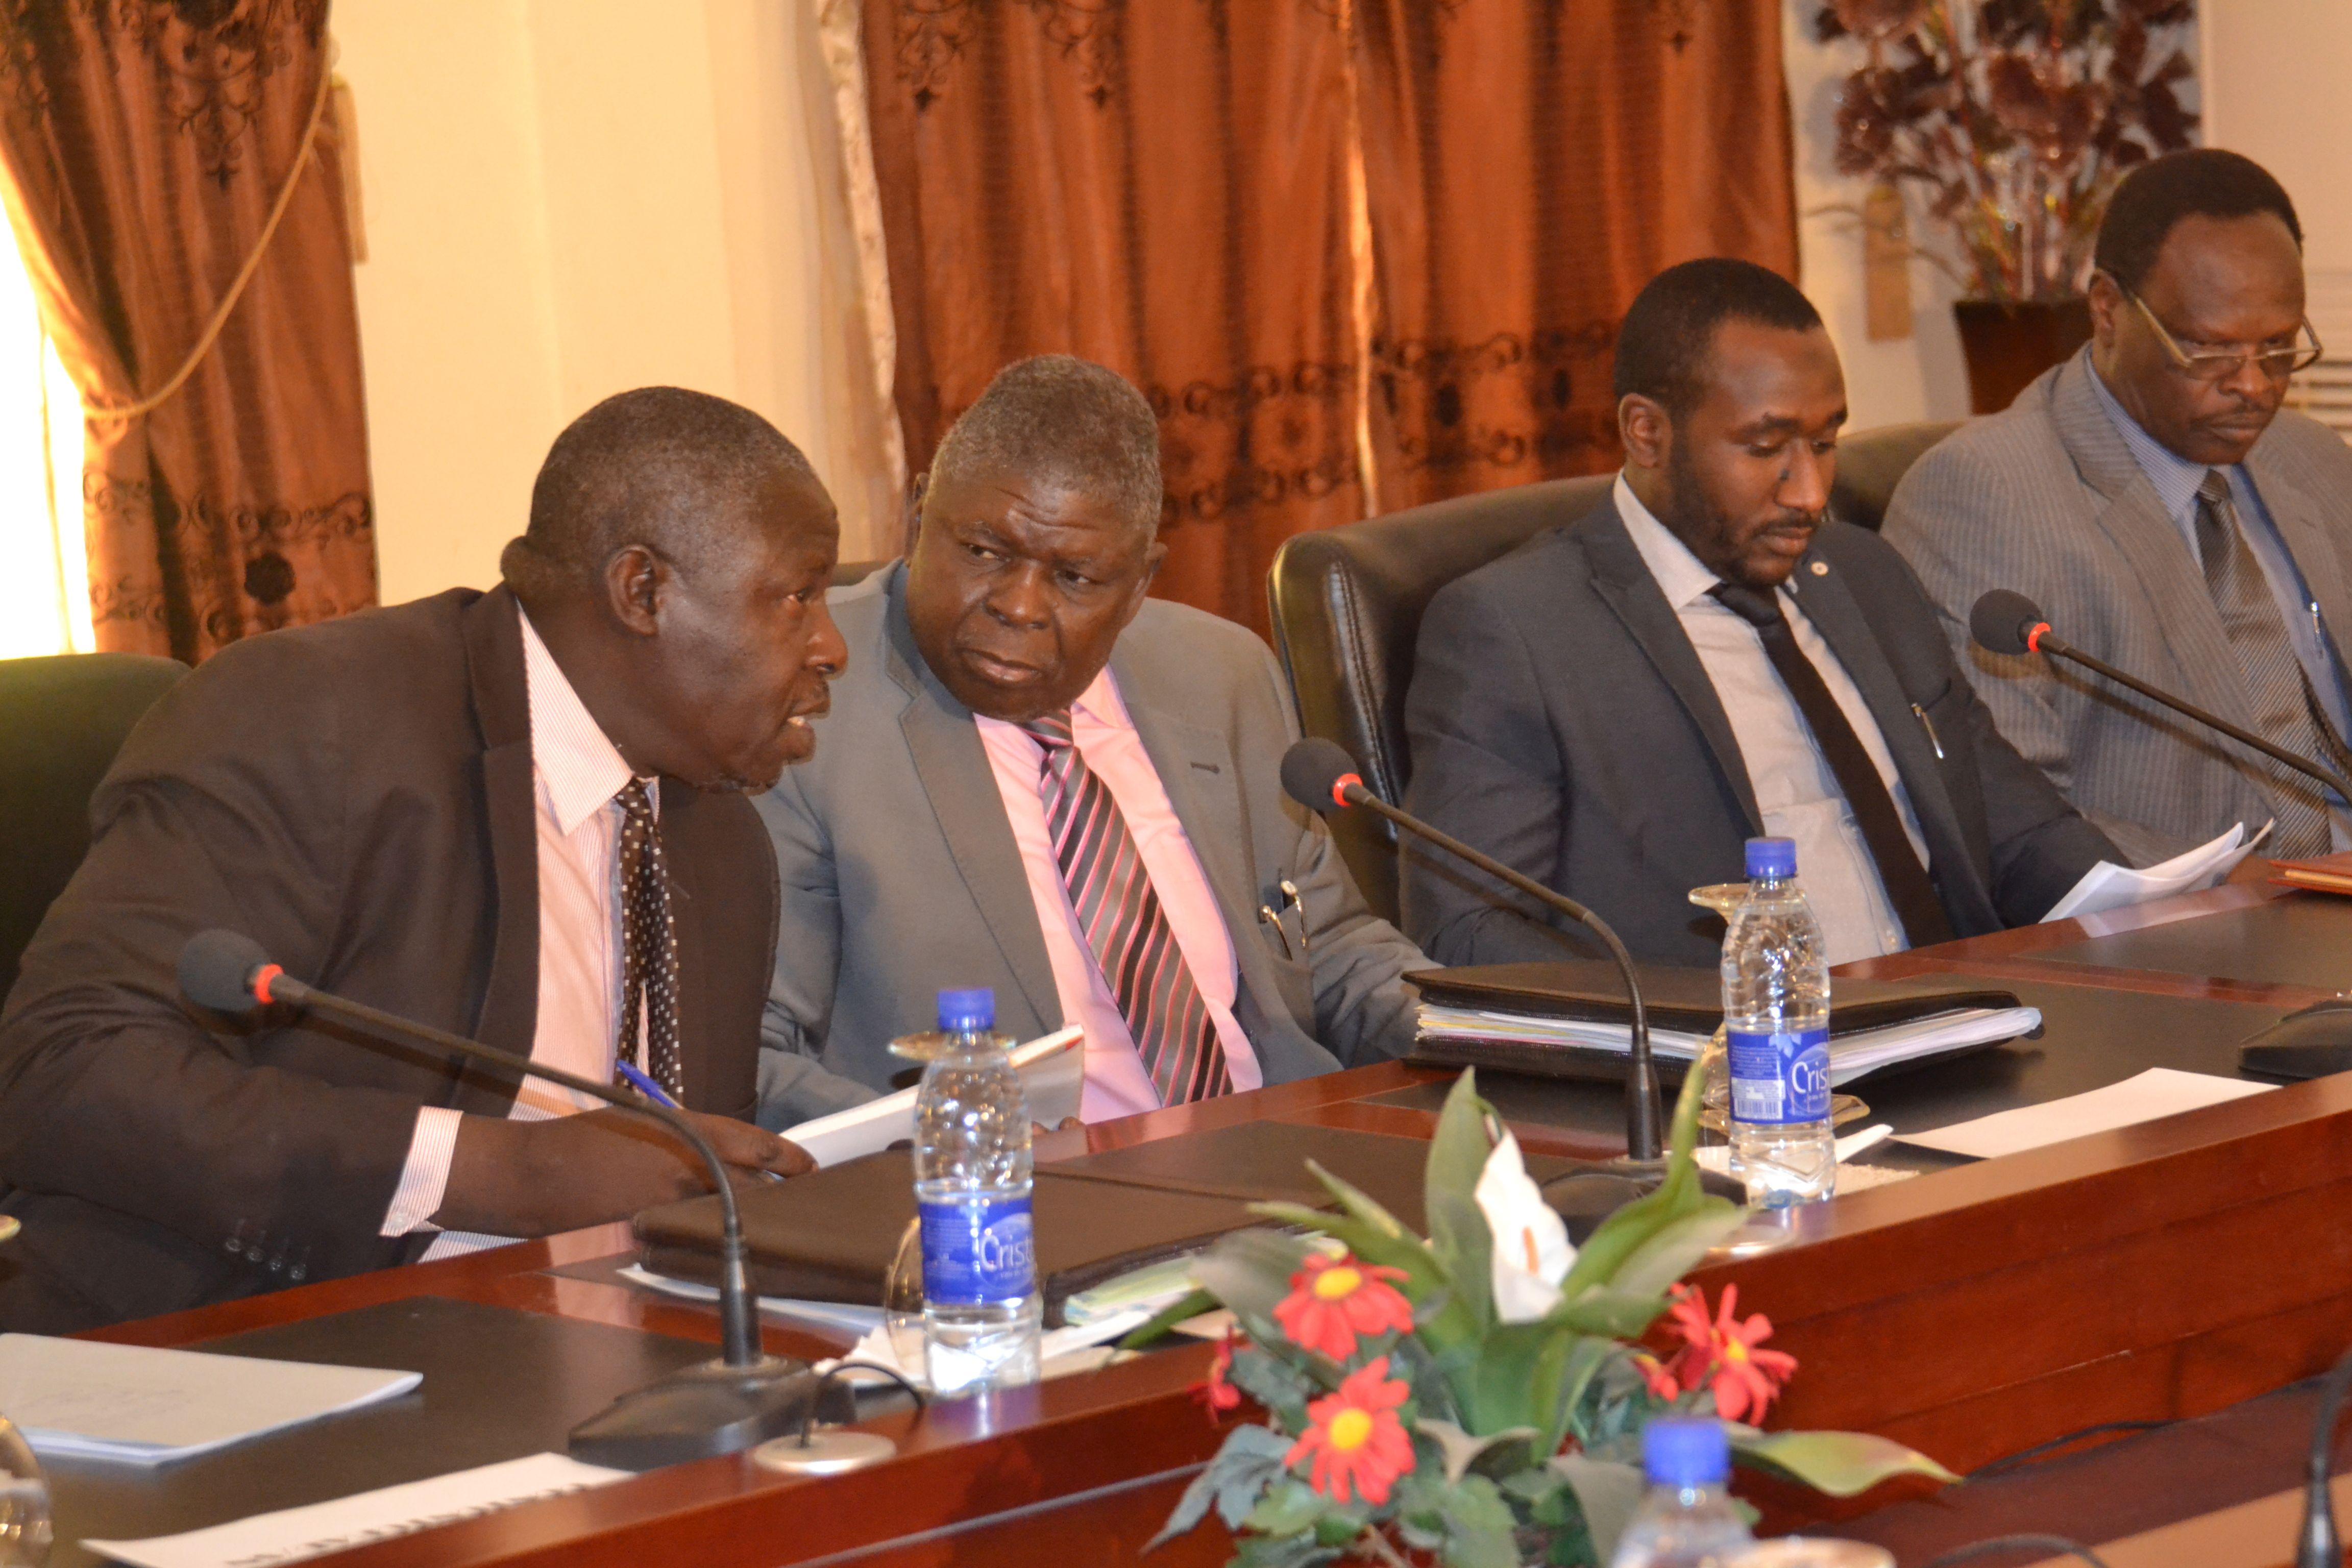 Le Premier Ministre a présidé la réunion du haut niveau sur la CotonTchad, société nouvelle.